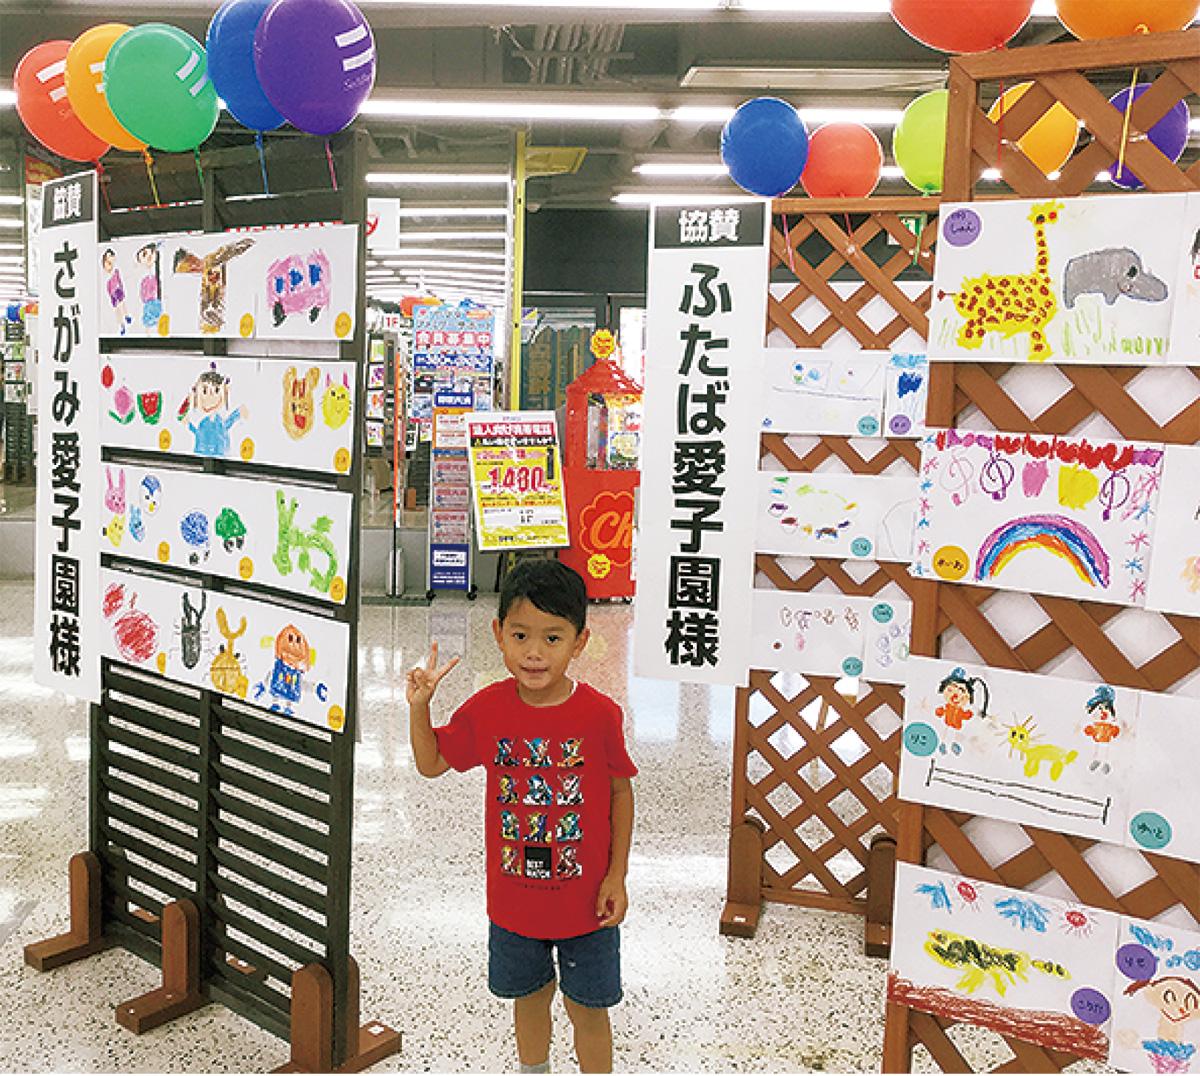 ヤマダ電機で園児の絵画展